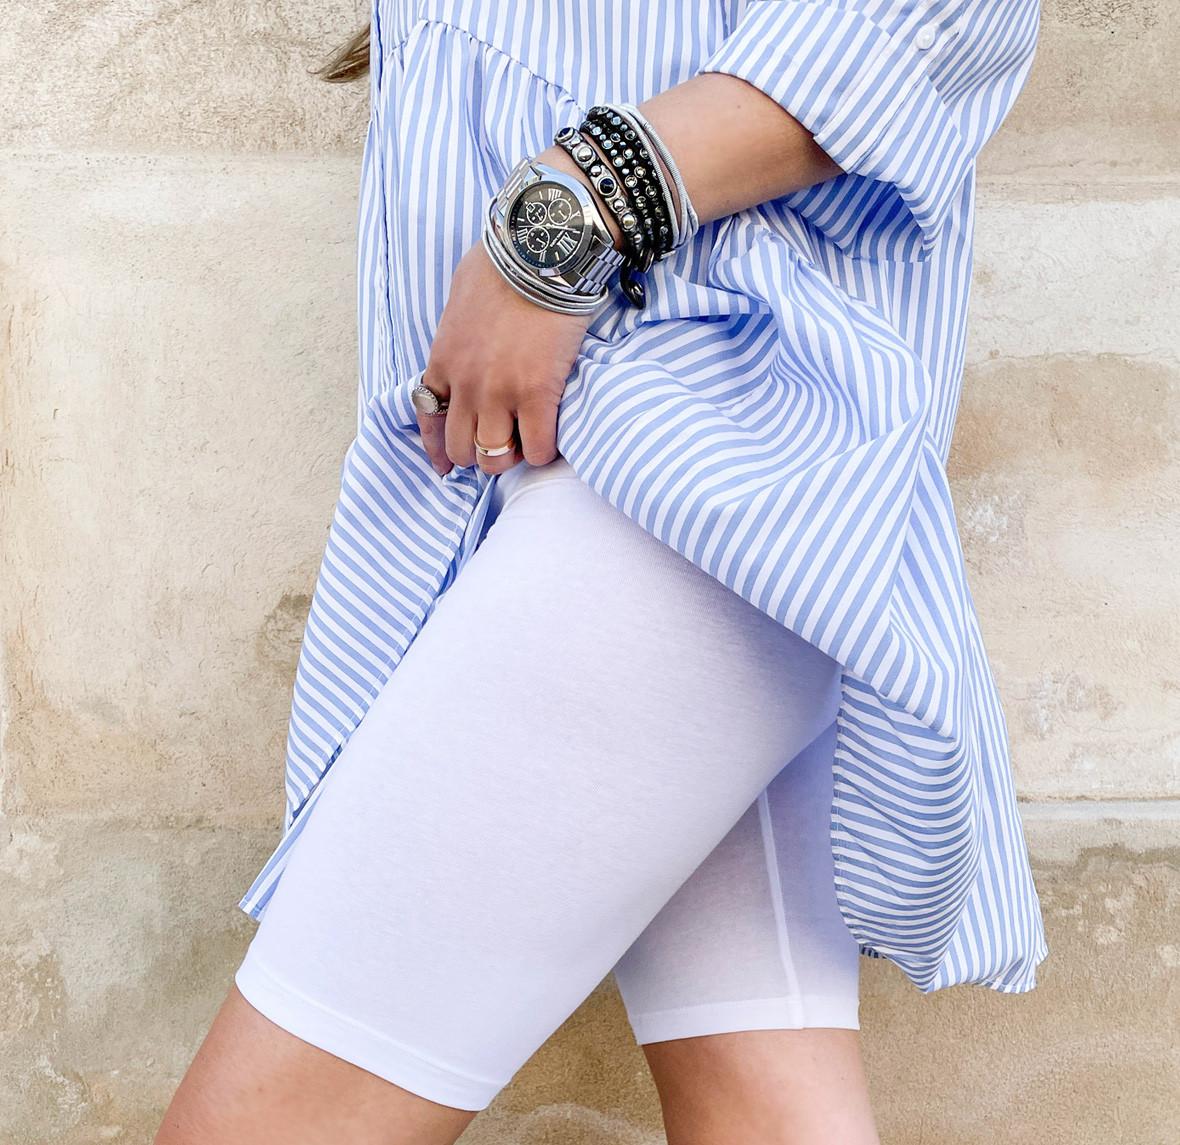 shorts_til_under_kjoler_hvide.jpg